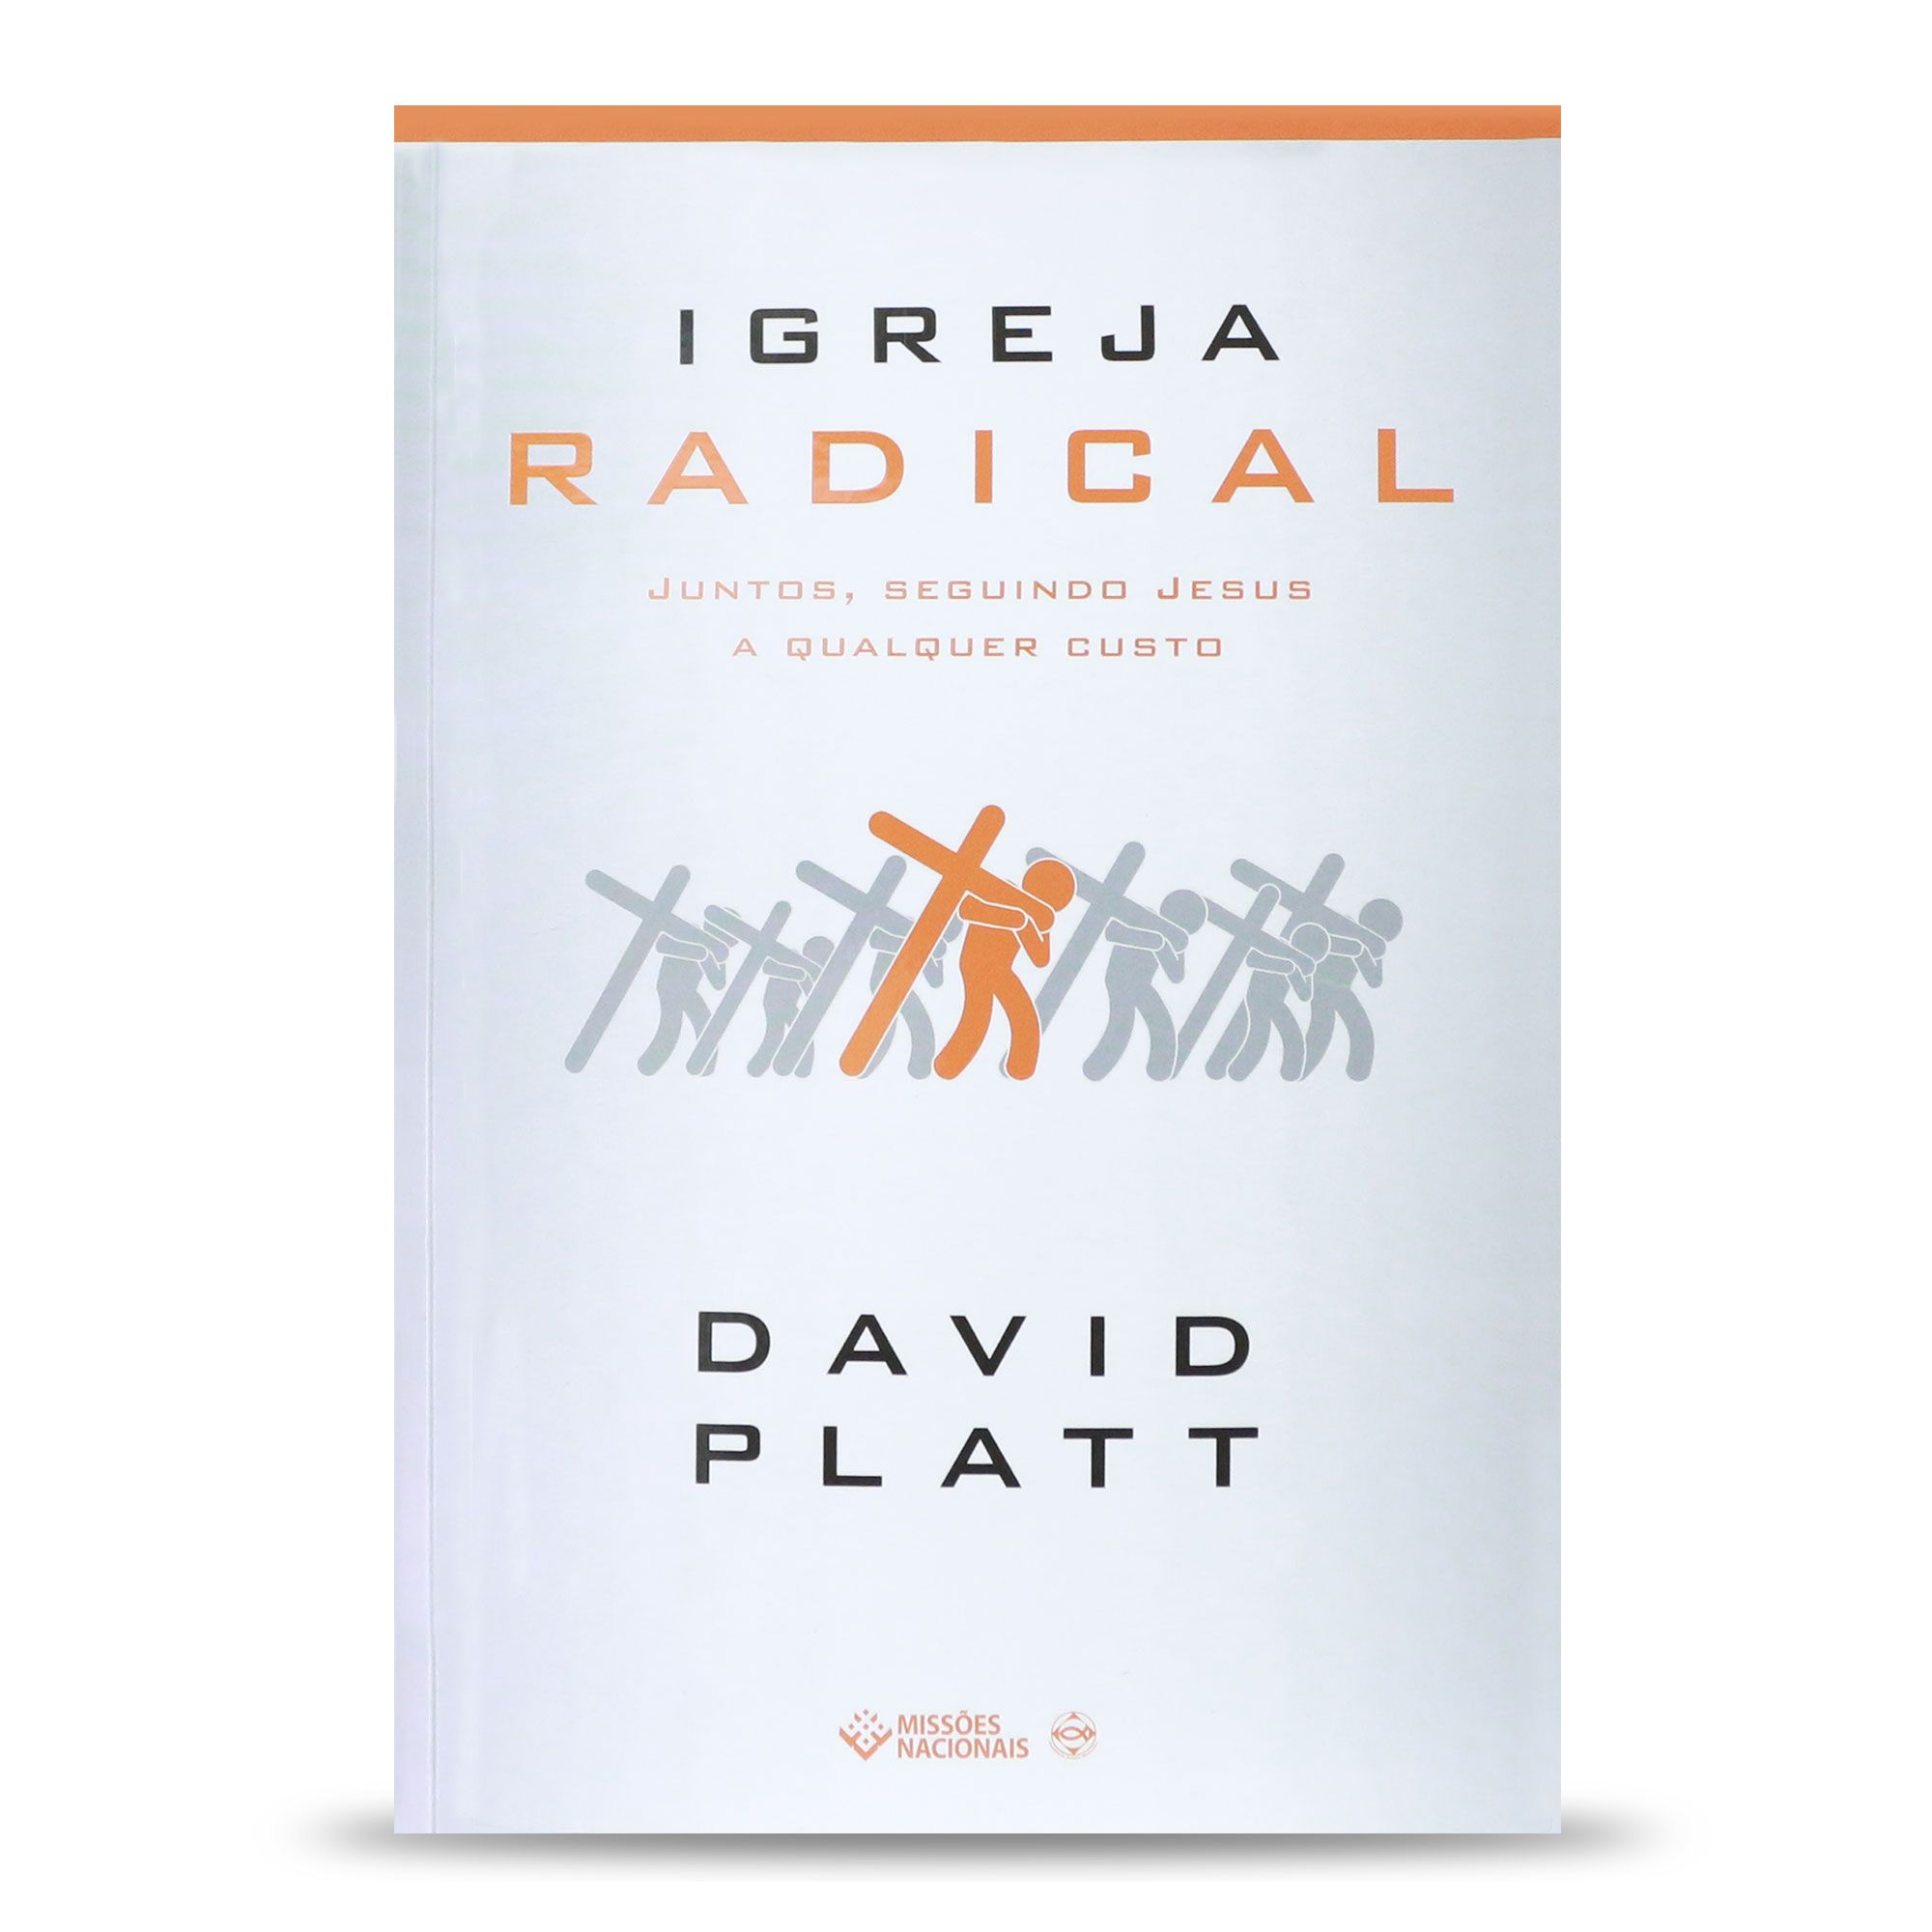 Igreja Radical - David Platt